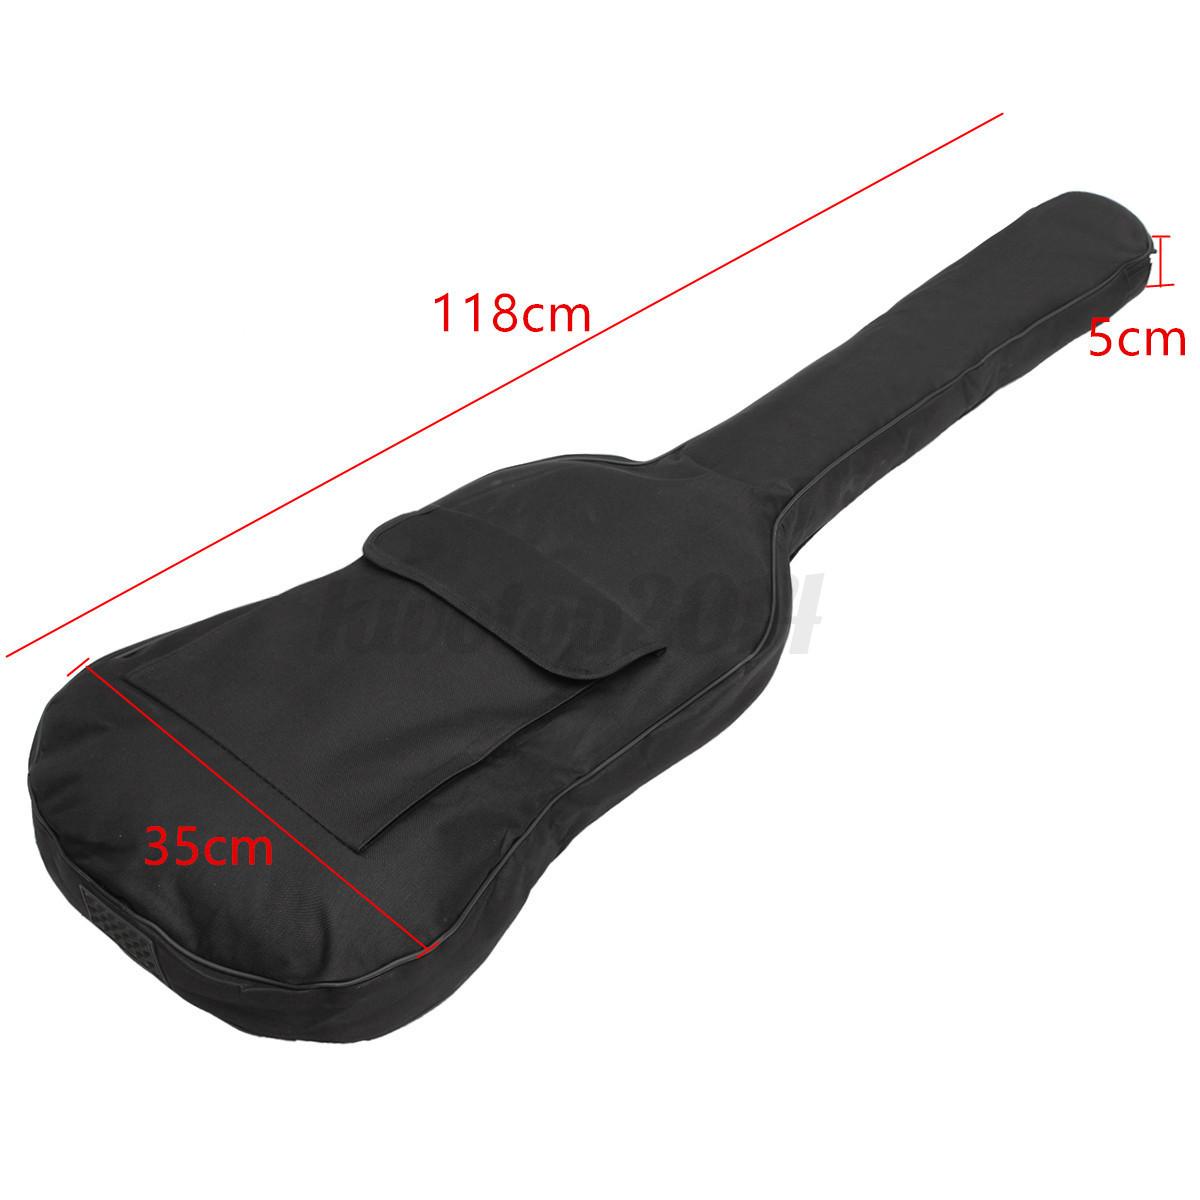 Doppelte Reise-Bügel-E-Bass-Gitarren-Tasche gepolsterte weiche Fall-Rucksack-Gig